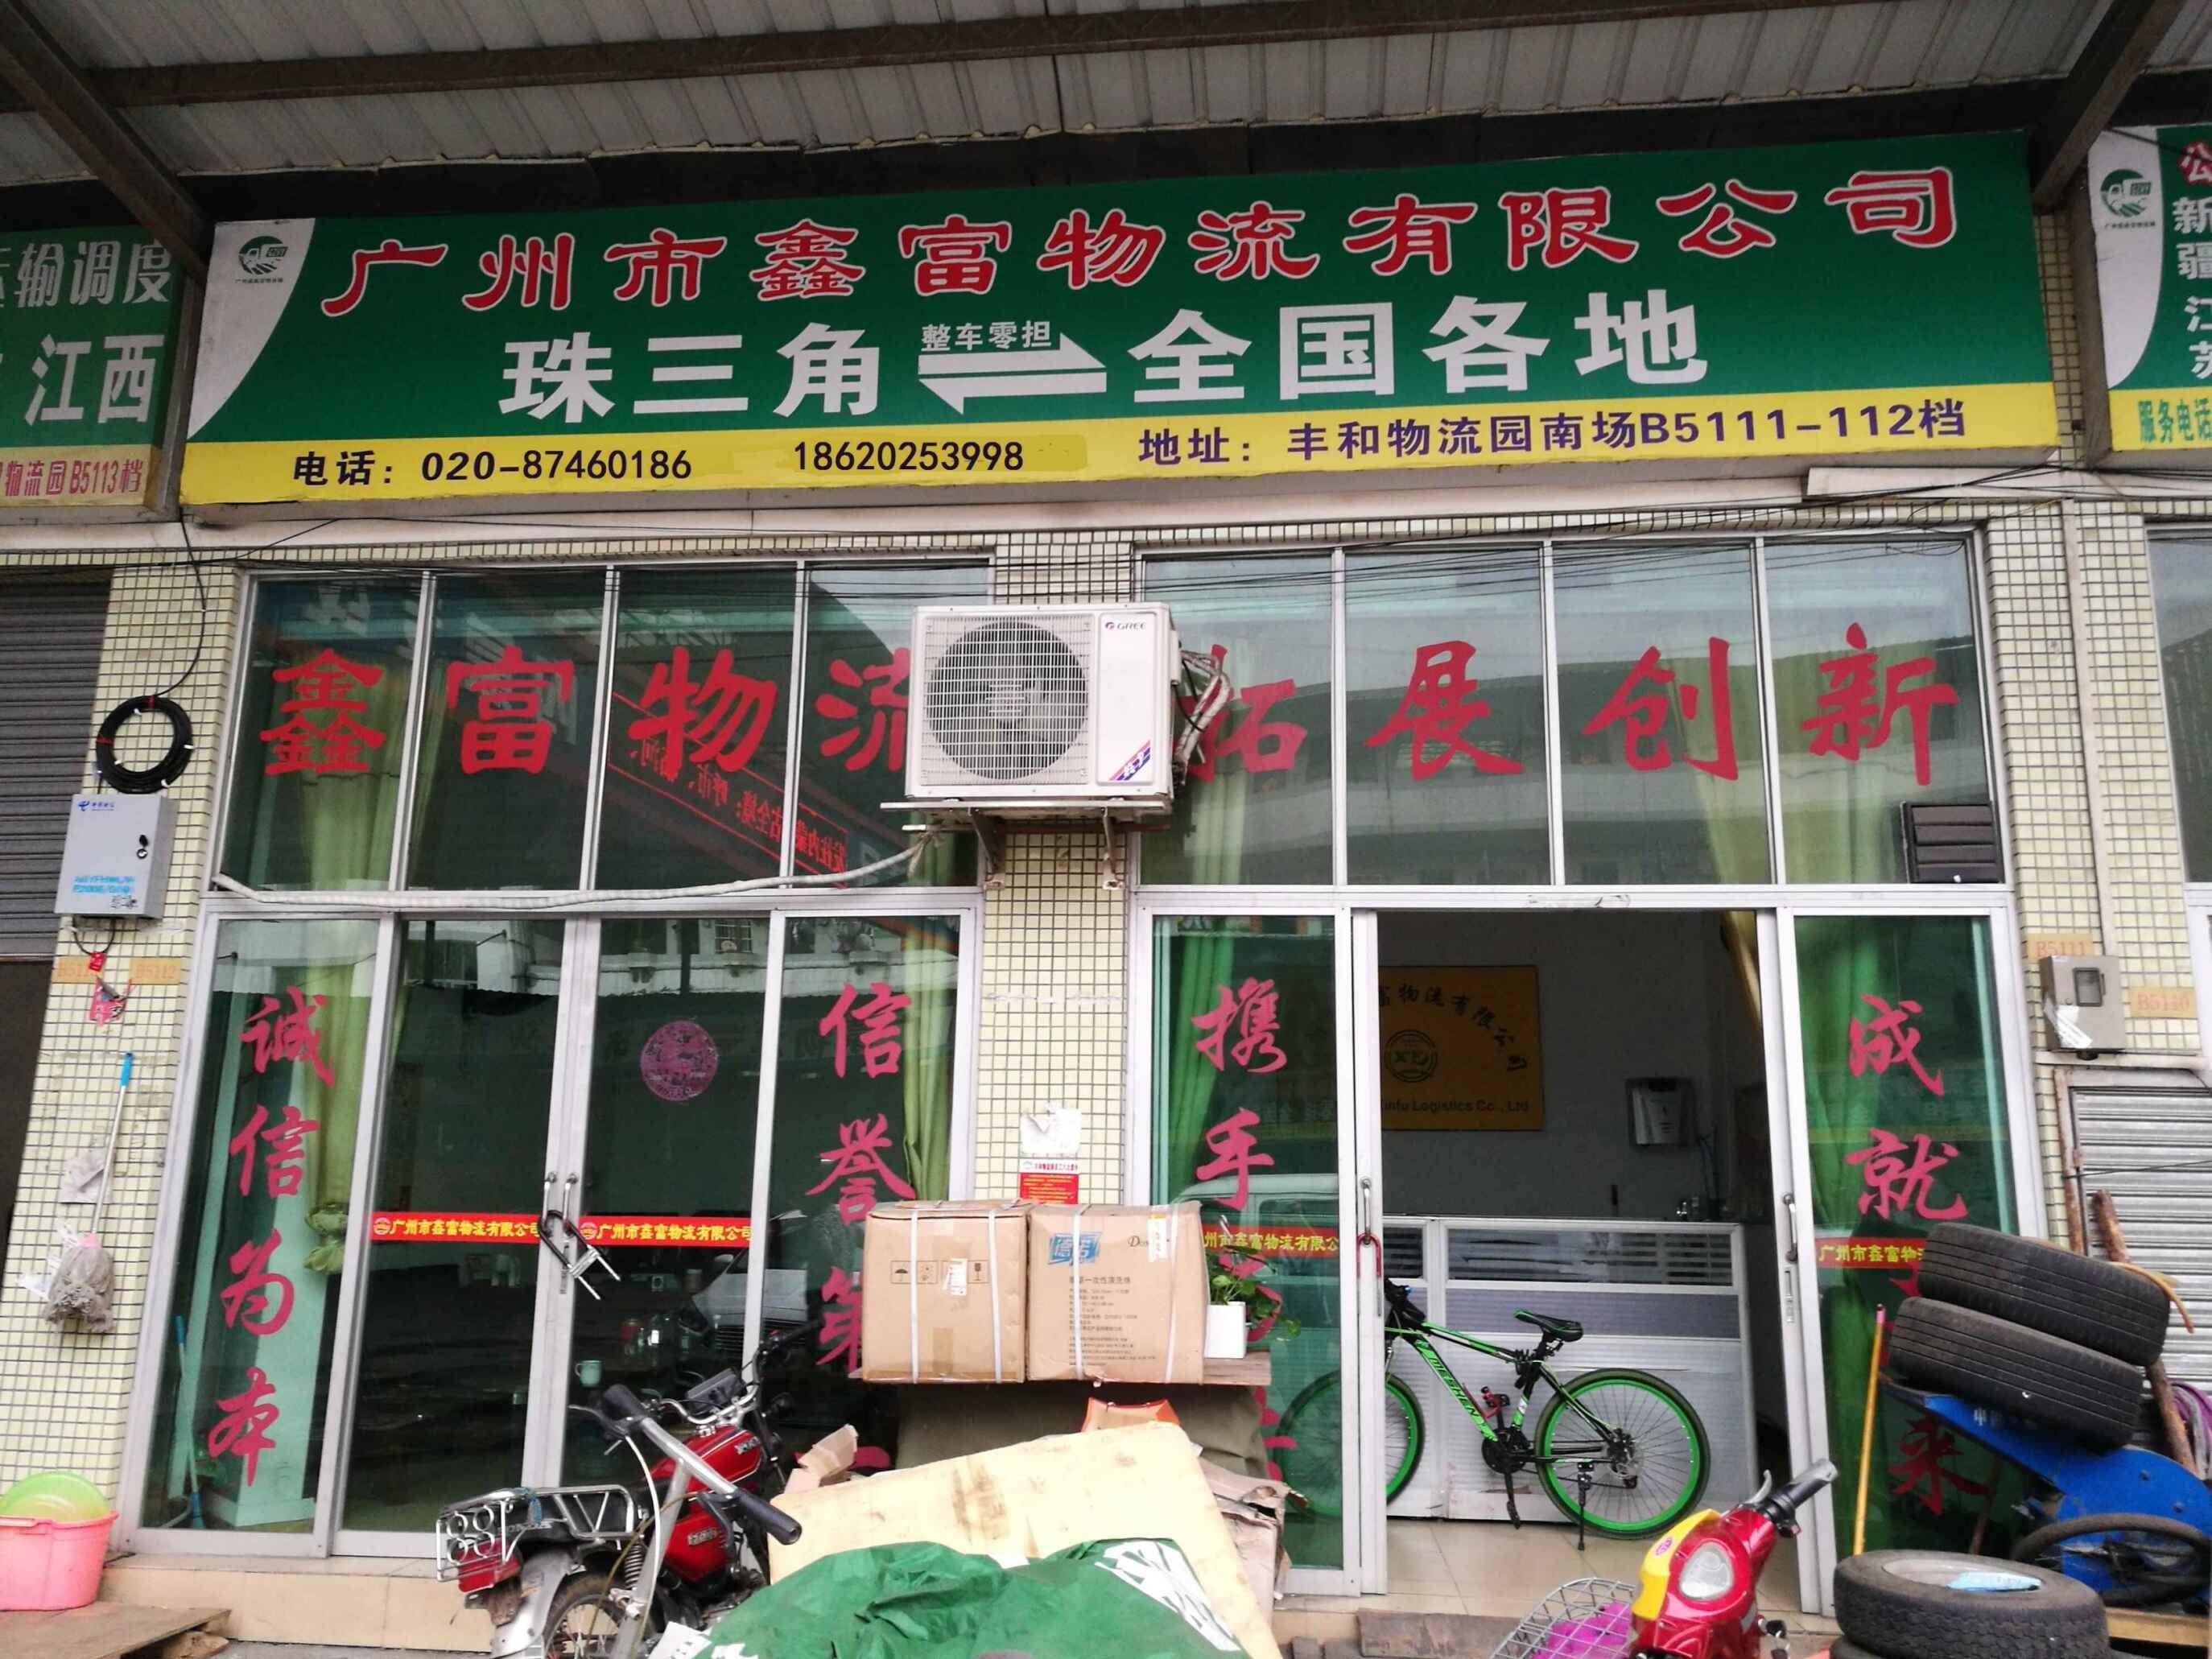 广州到岳阳物流专线(广州顺发物流服务部)